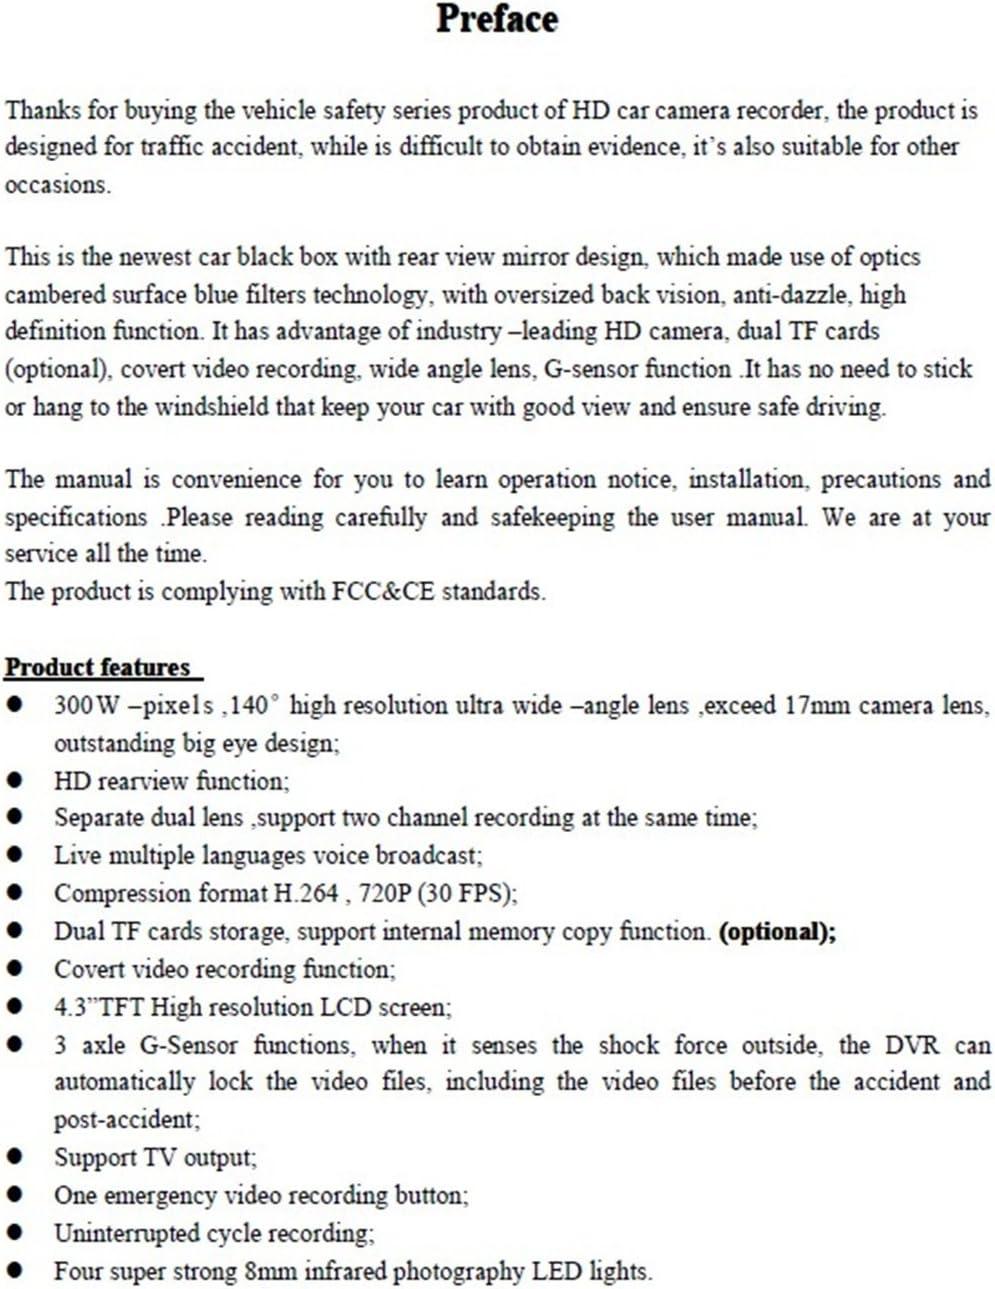 eledenimport.com D-CLICK TM the Newest 4.3 TFT HD 720P 30FPS Car ...